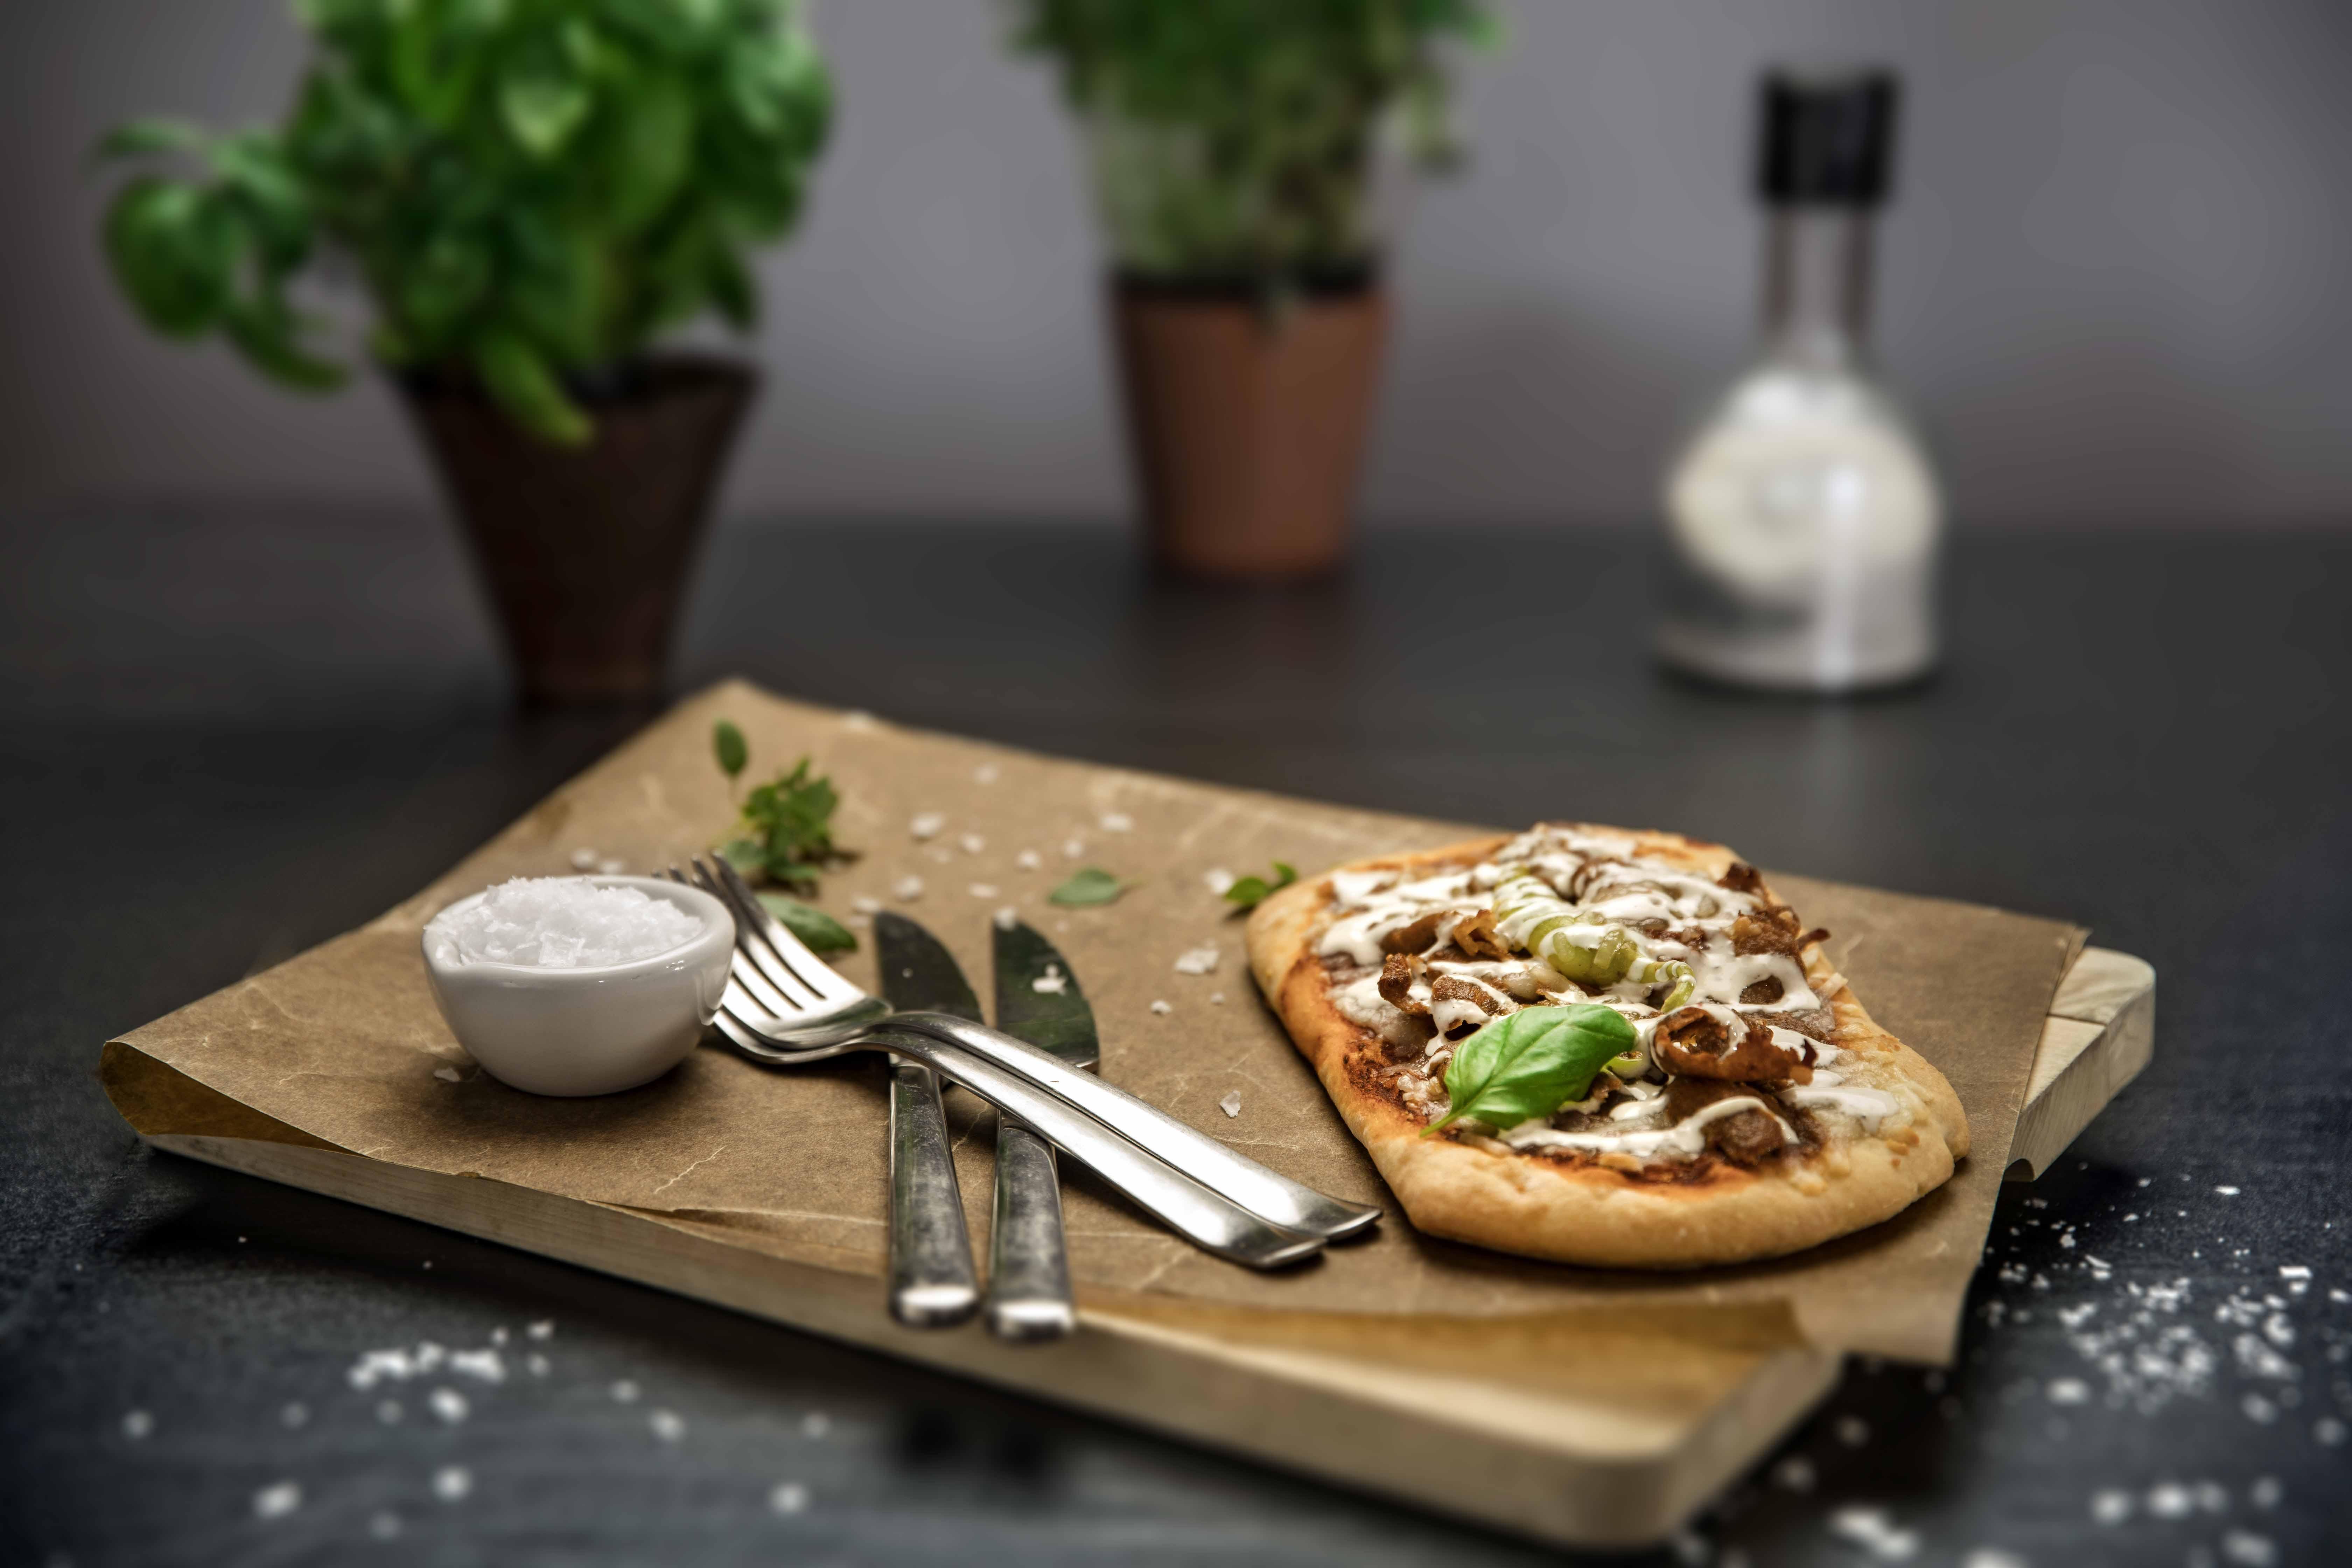 Korvbrödbagarn lanserar en ny pizza